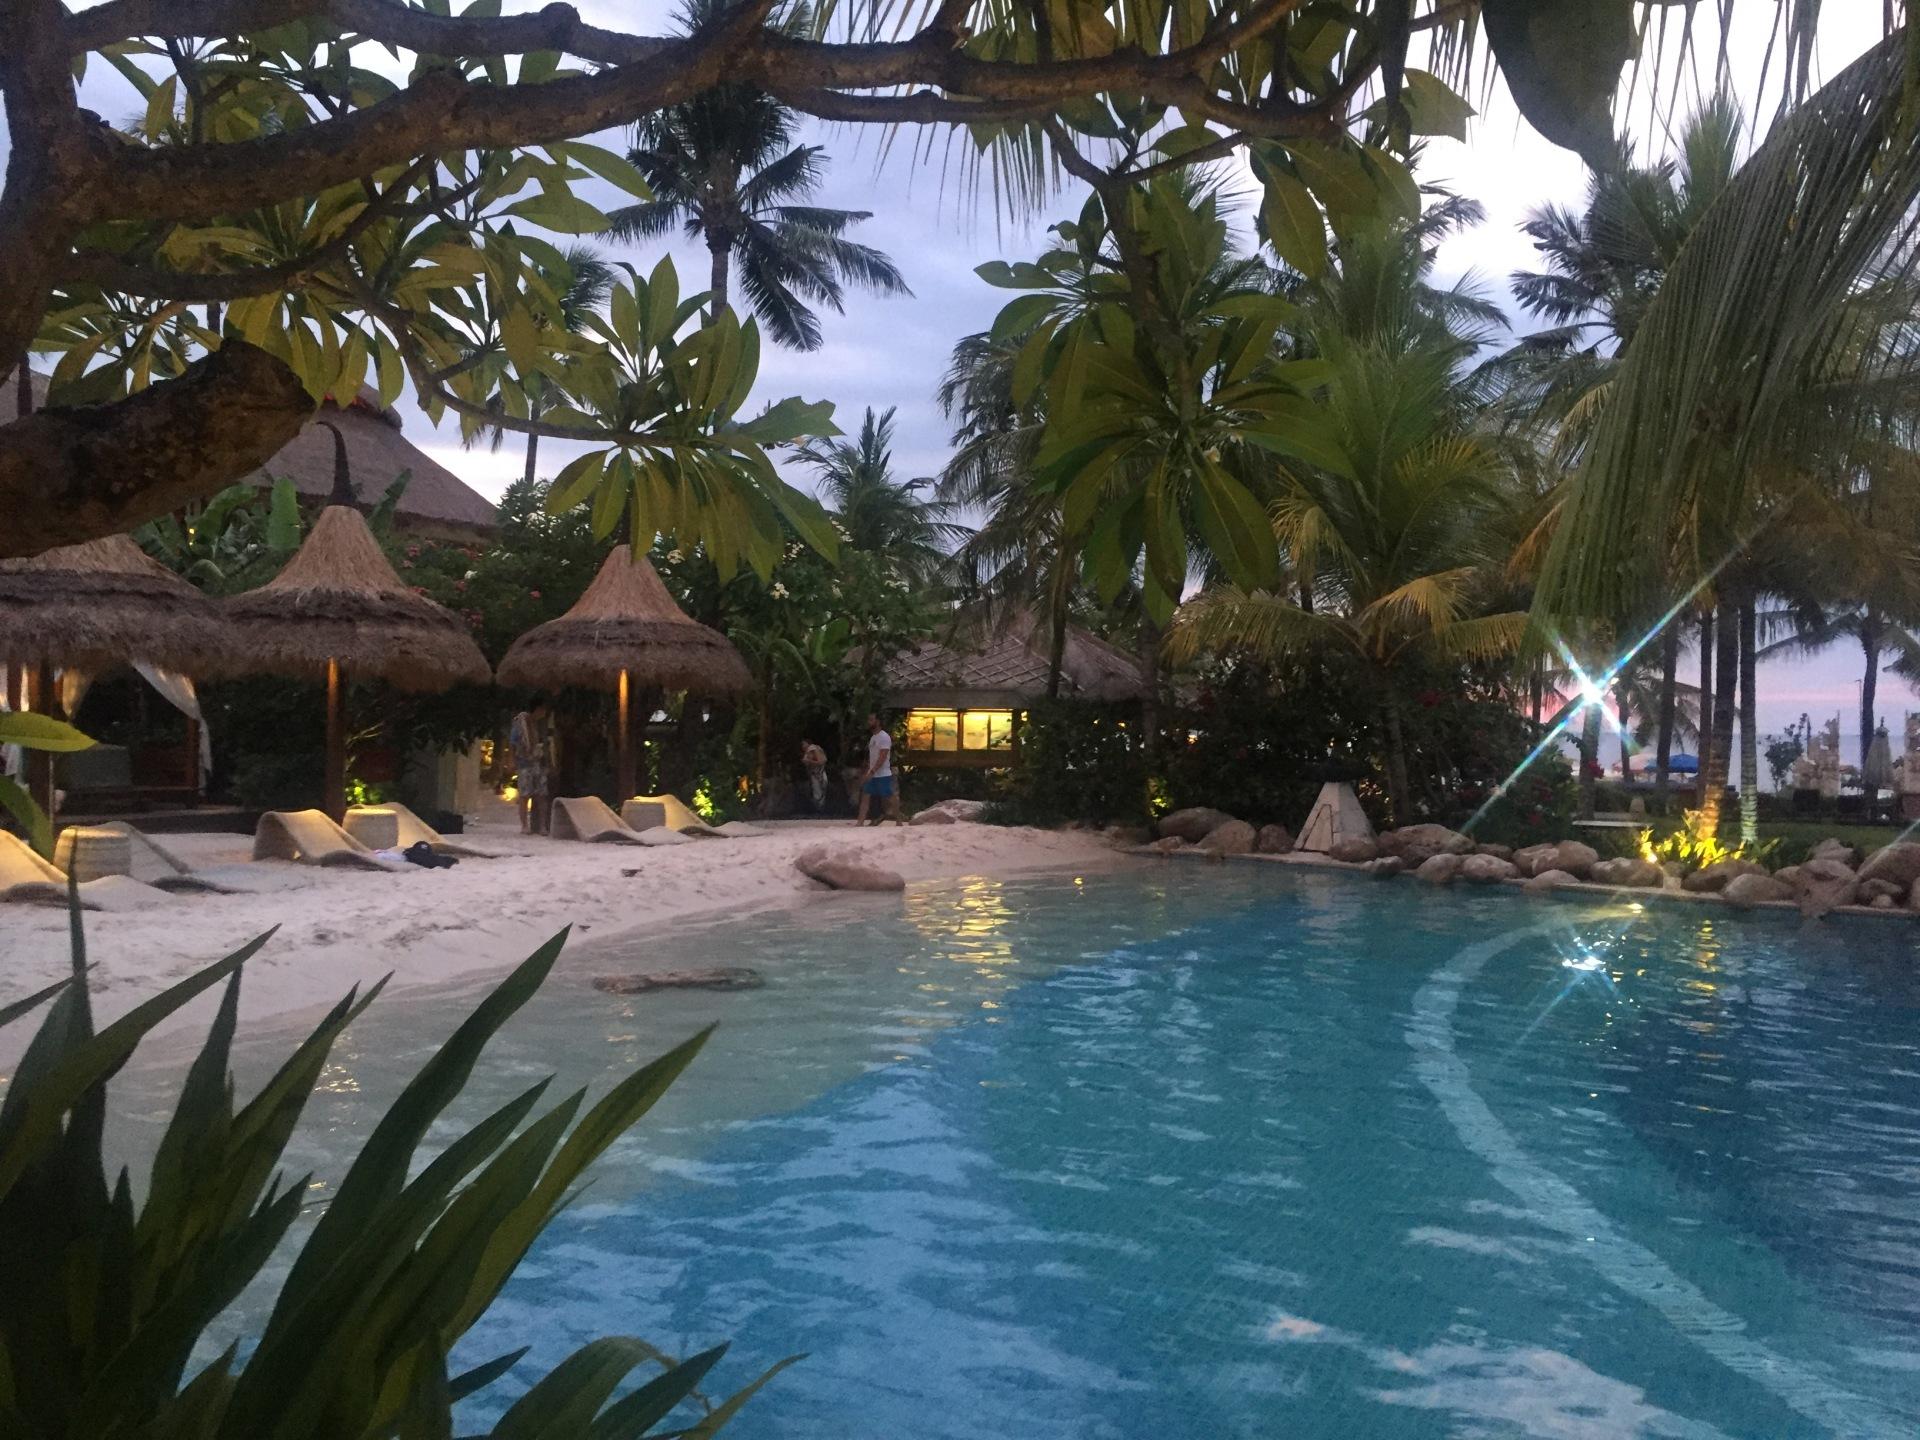 Bali - Bali Mandira